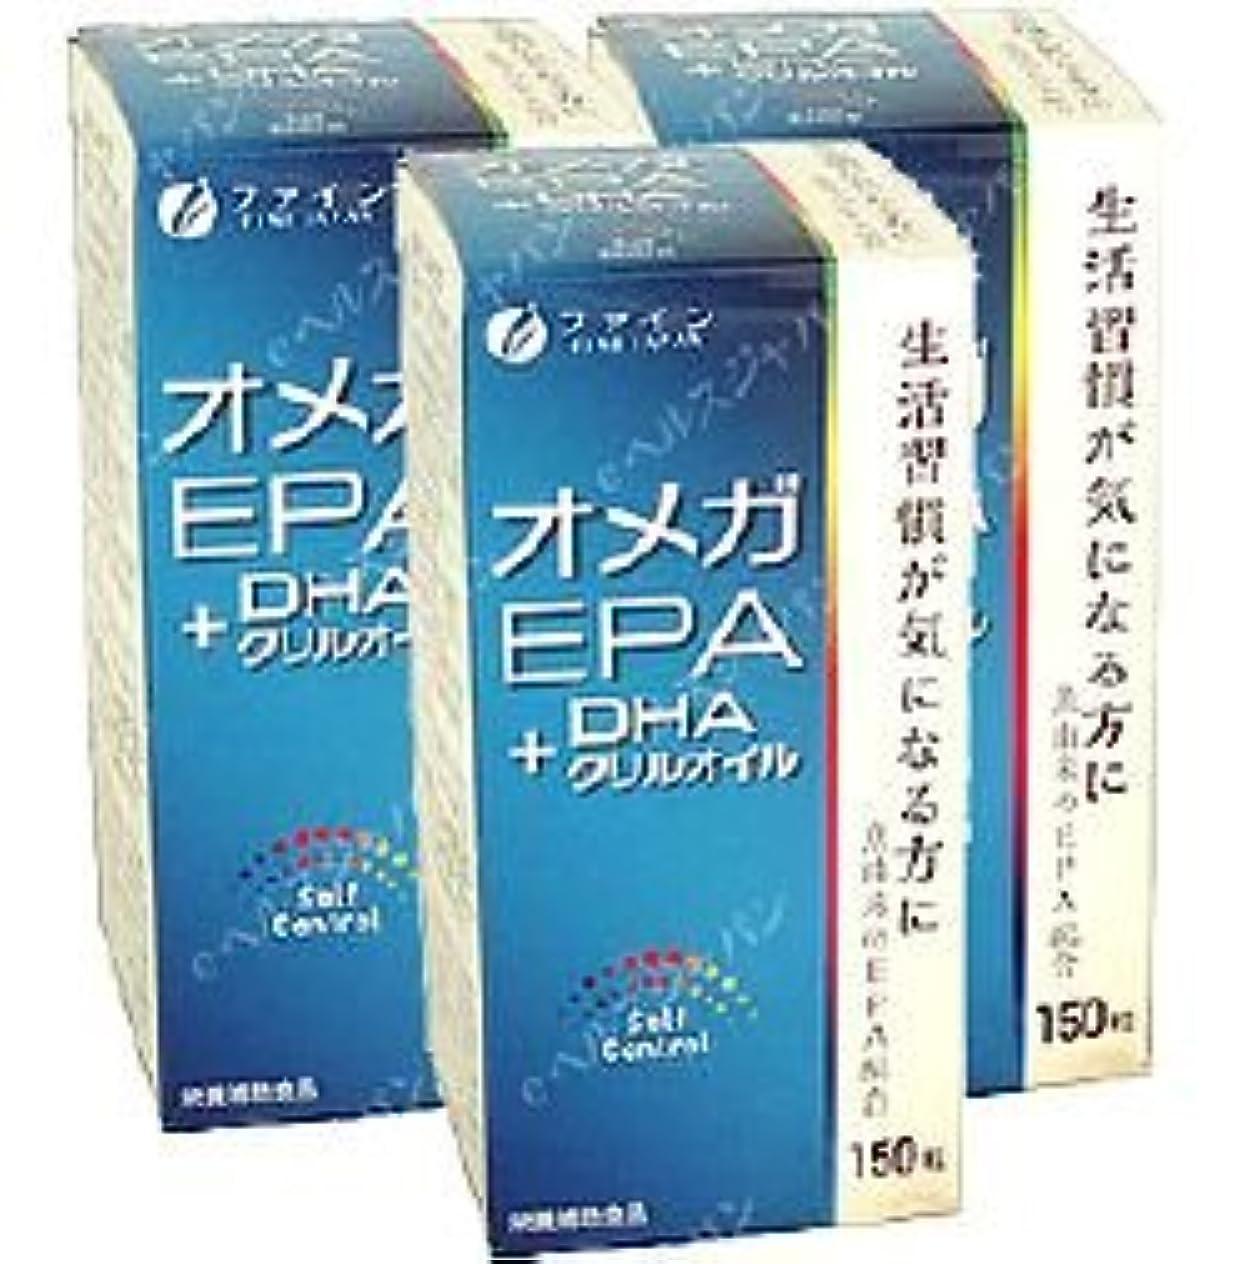 イブ階段夜明けオメガEPA+DHA?クリルオイル【3本セット】ファイン